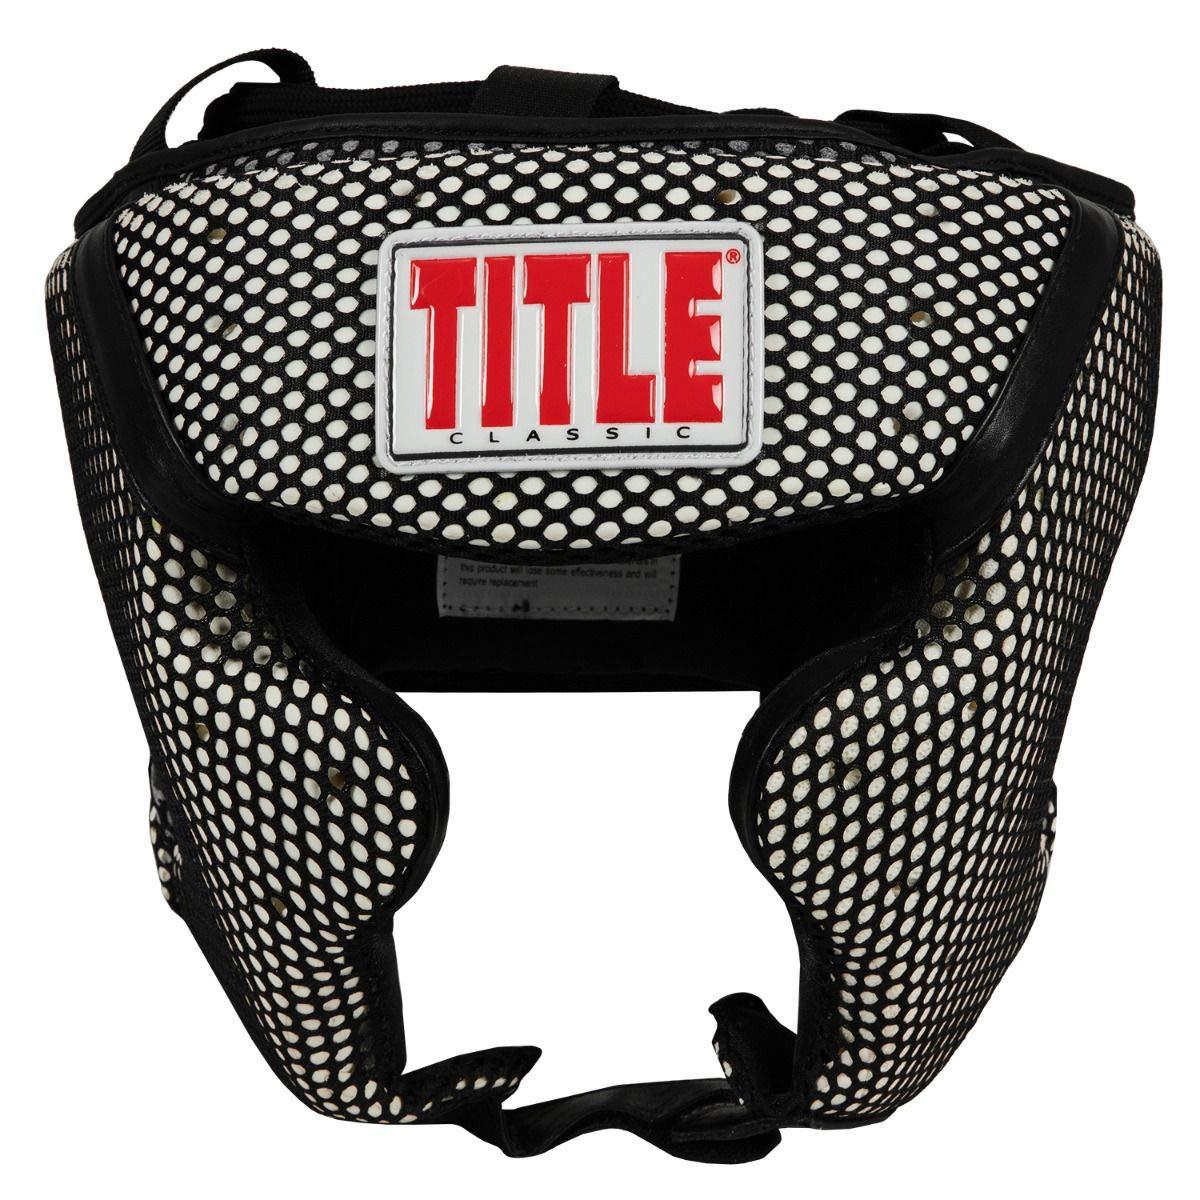 Title Classic Power Air Headgear